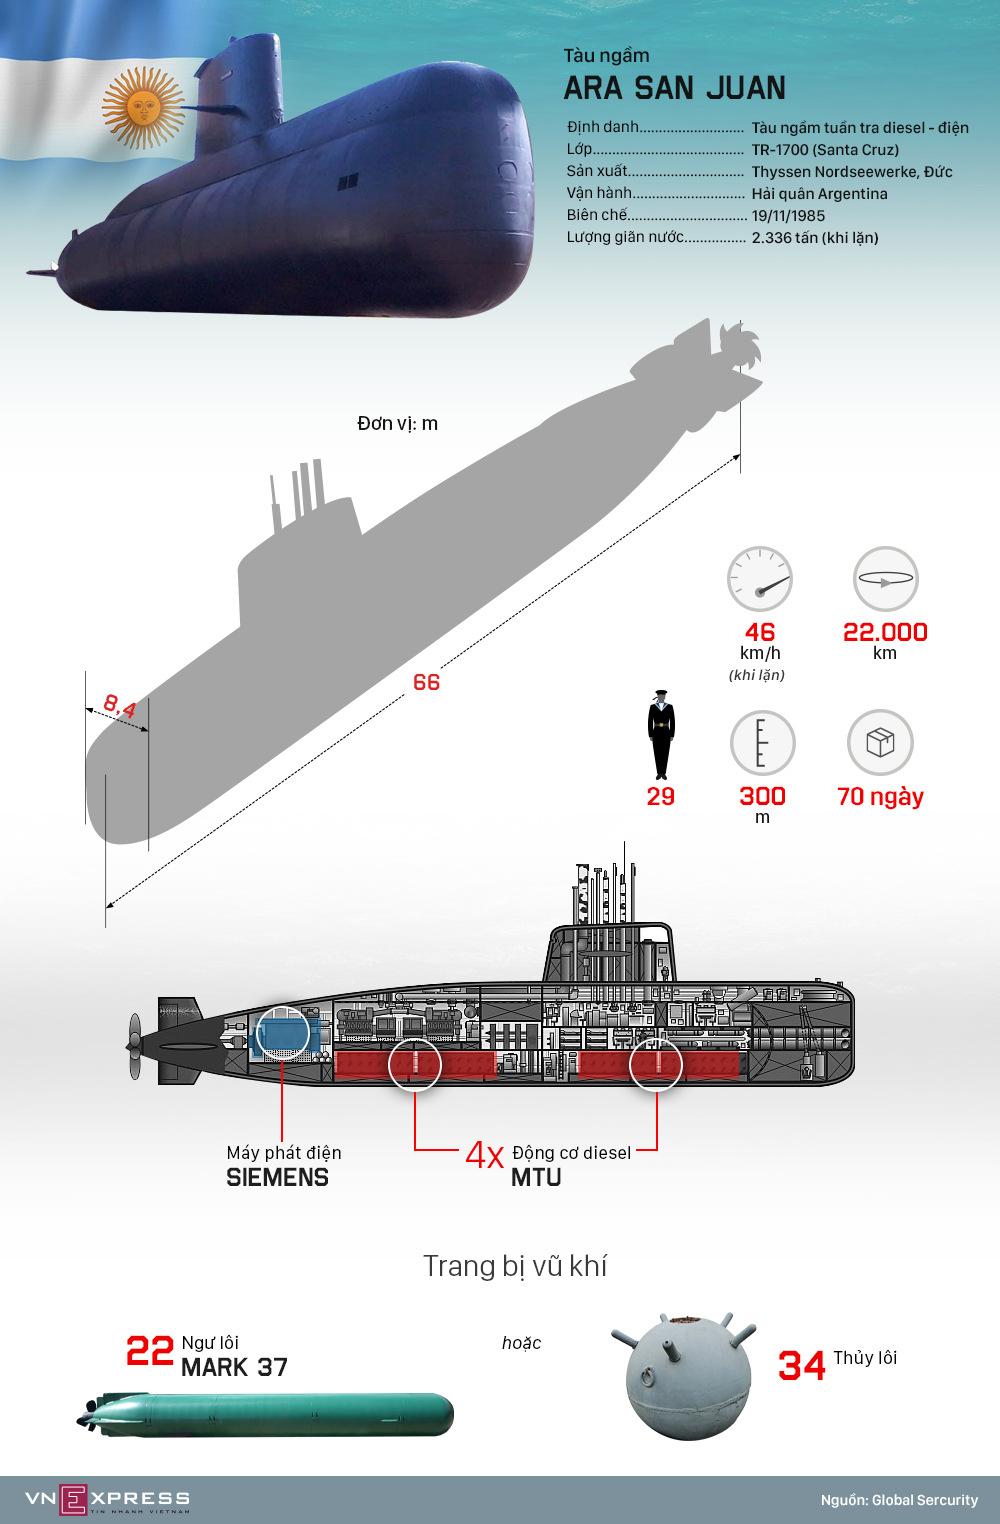 Trang bị trên tàu ngầm Argentina mất tích